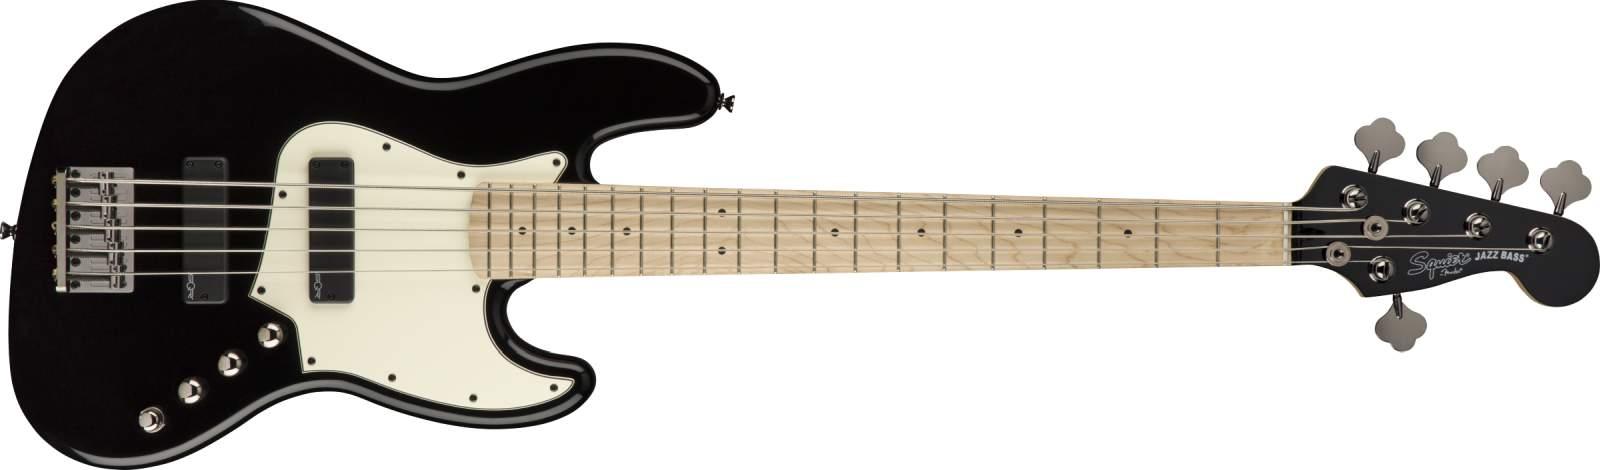 Squier Contemporary J-Bass V HH MN Black